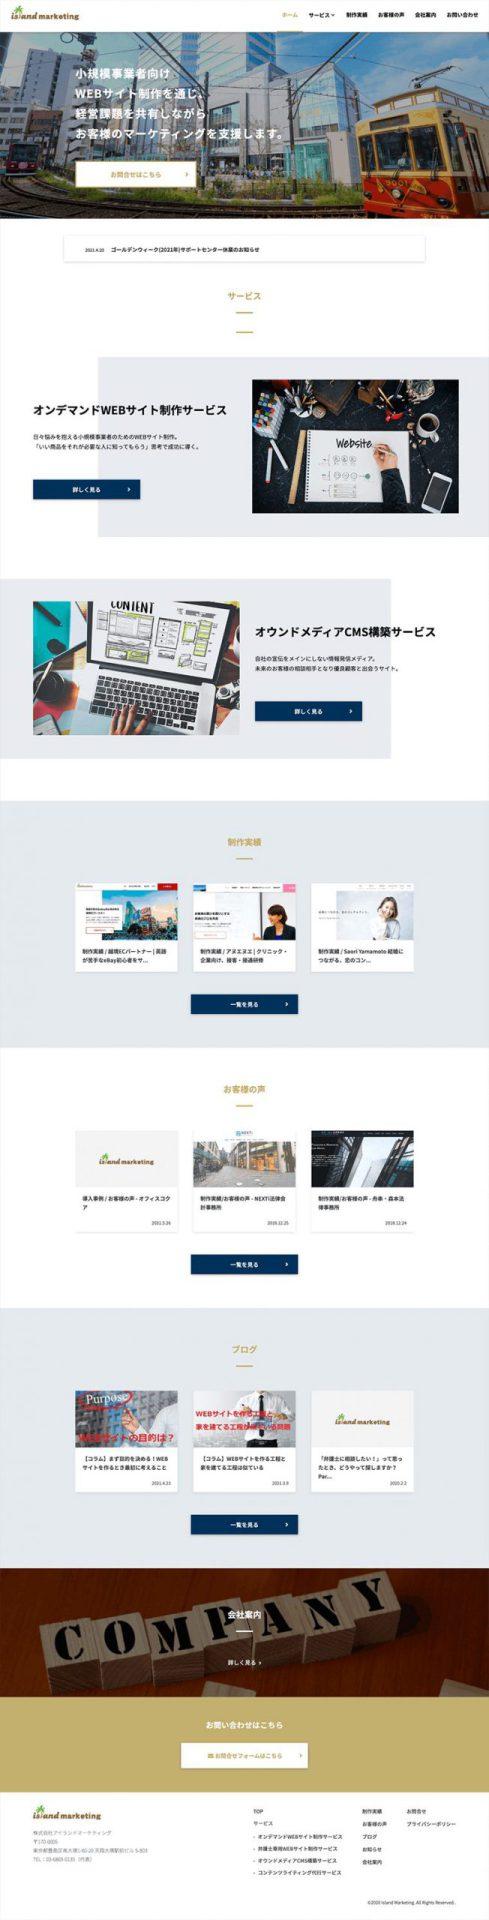 Webマーケティング_制作実績_株式会社アイランドマーケティング_2